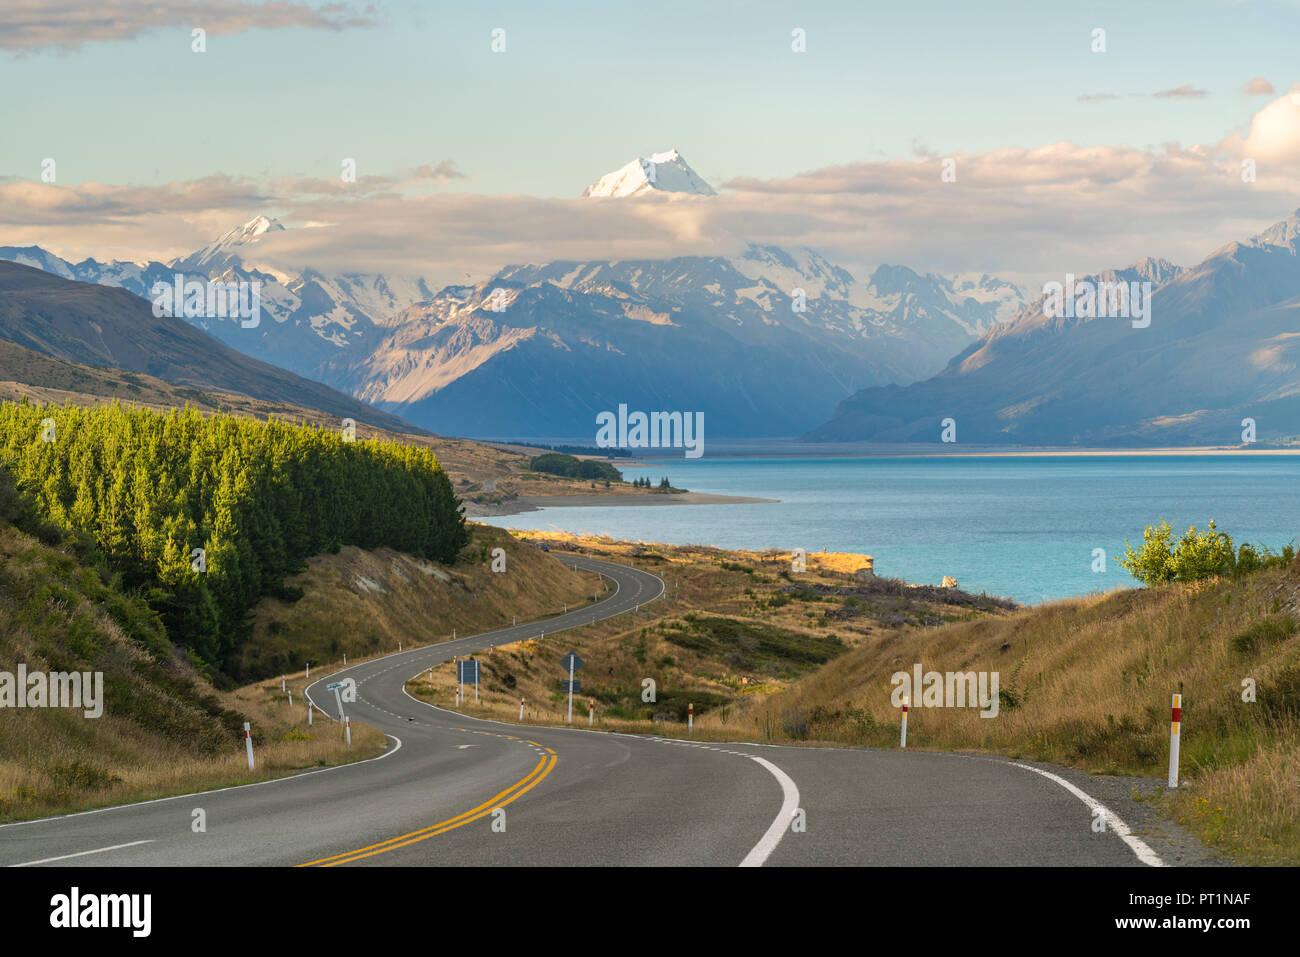 Camino bordeando el Lago Pukaki, mirando hacia Mt Cook cordillera, Ben Ohau, distrito de Mackenzie, la región de Canterbury, Isla del Sur, Nueva Zelanda Foto de stock